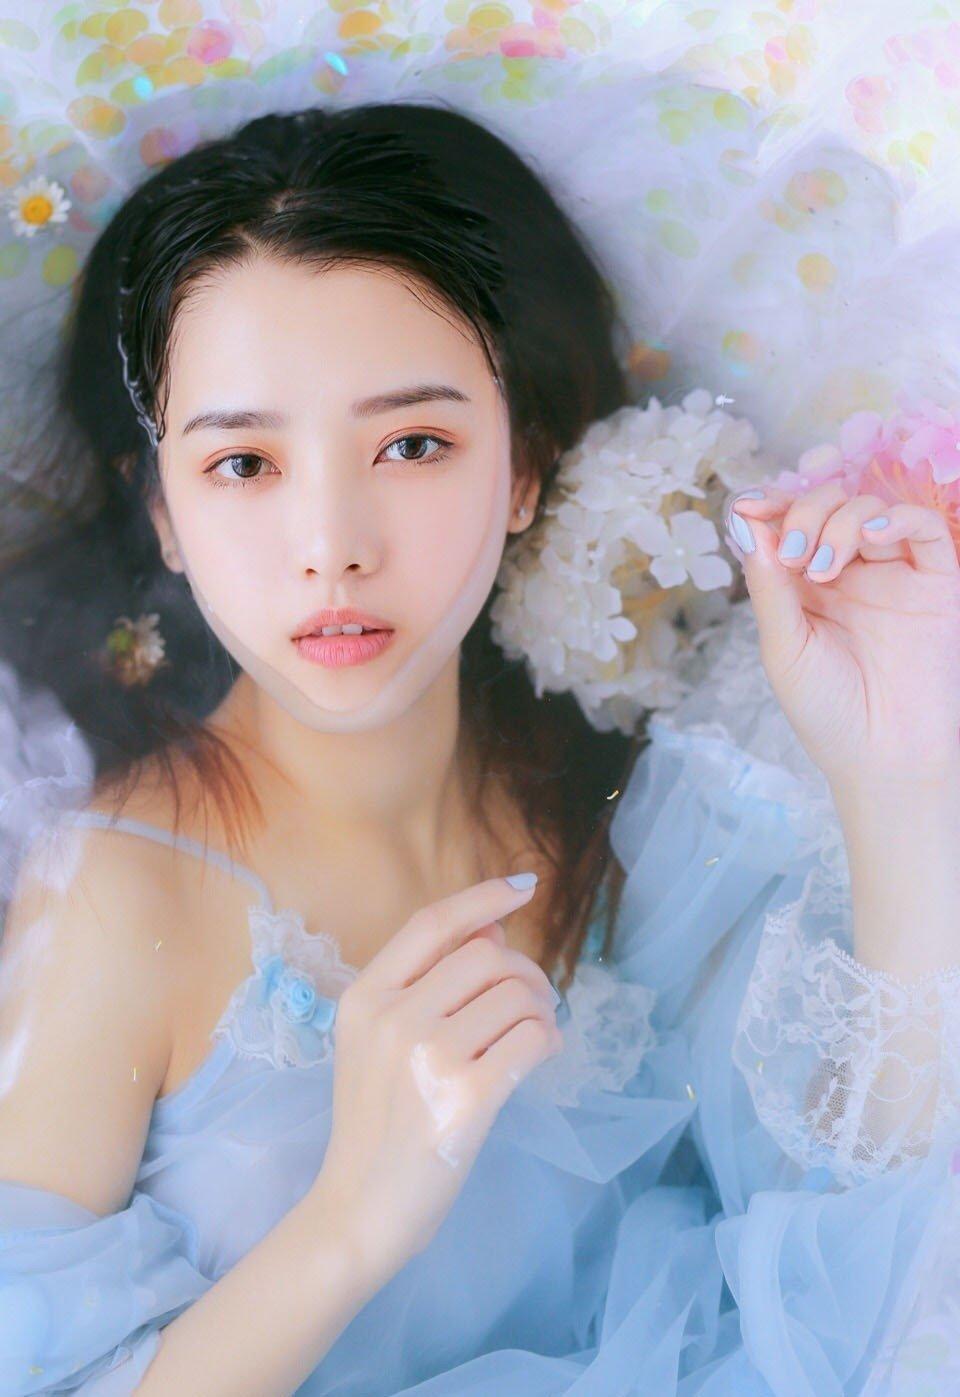 貌美少女蕾丝裙浴缸湿身性感写真